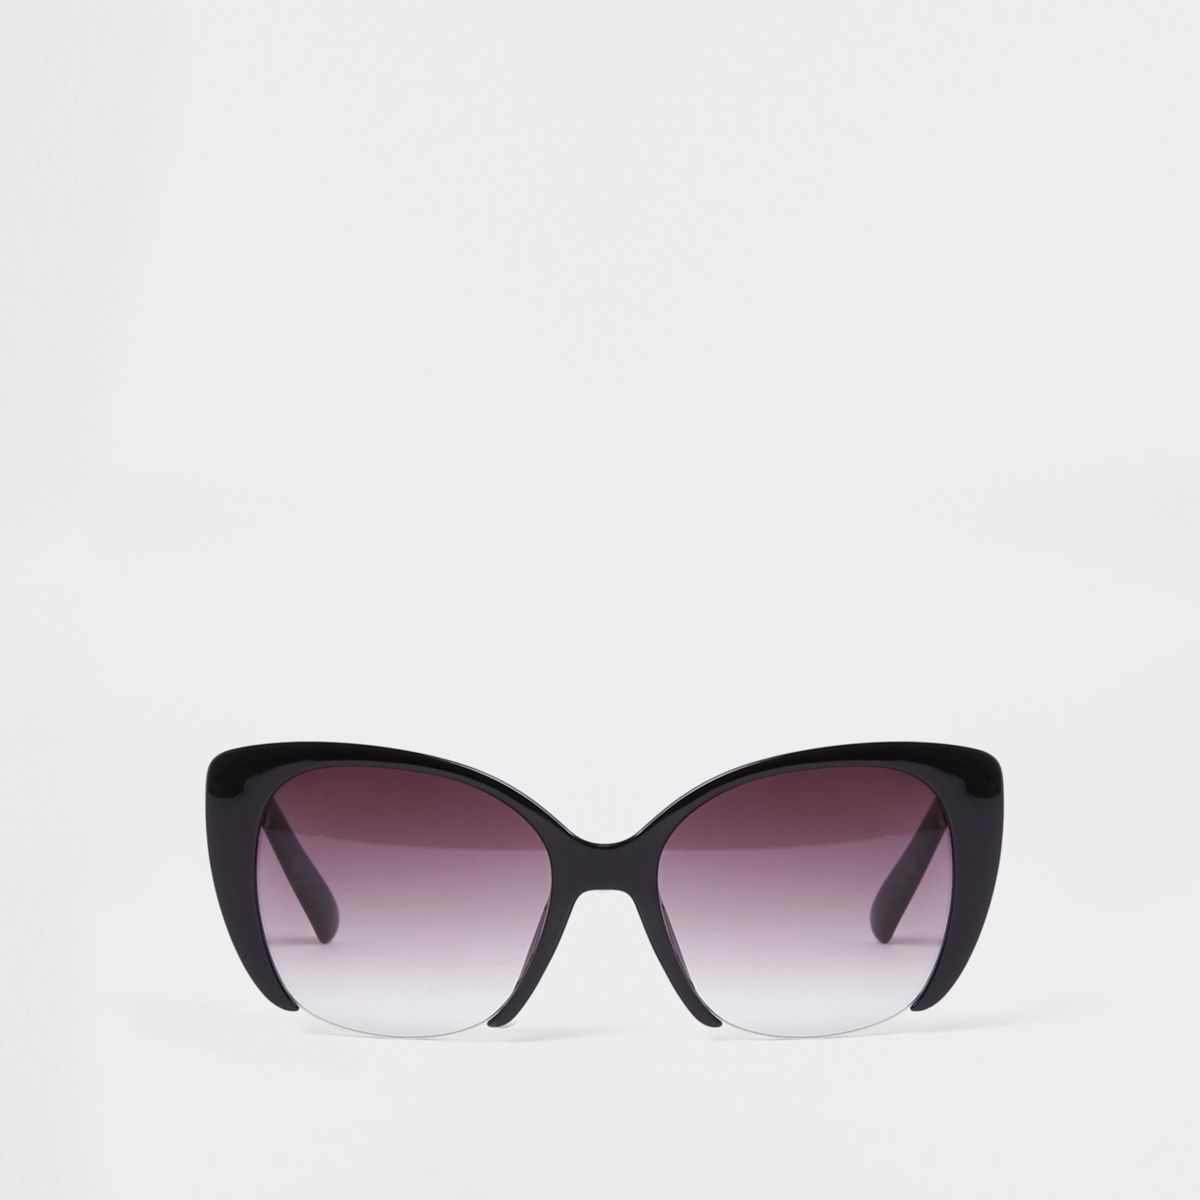 Schwarze, glamouröse Sonnenbrille